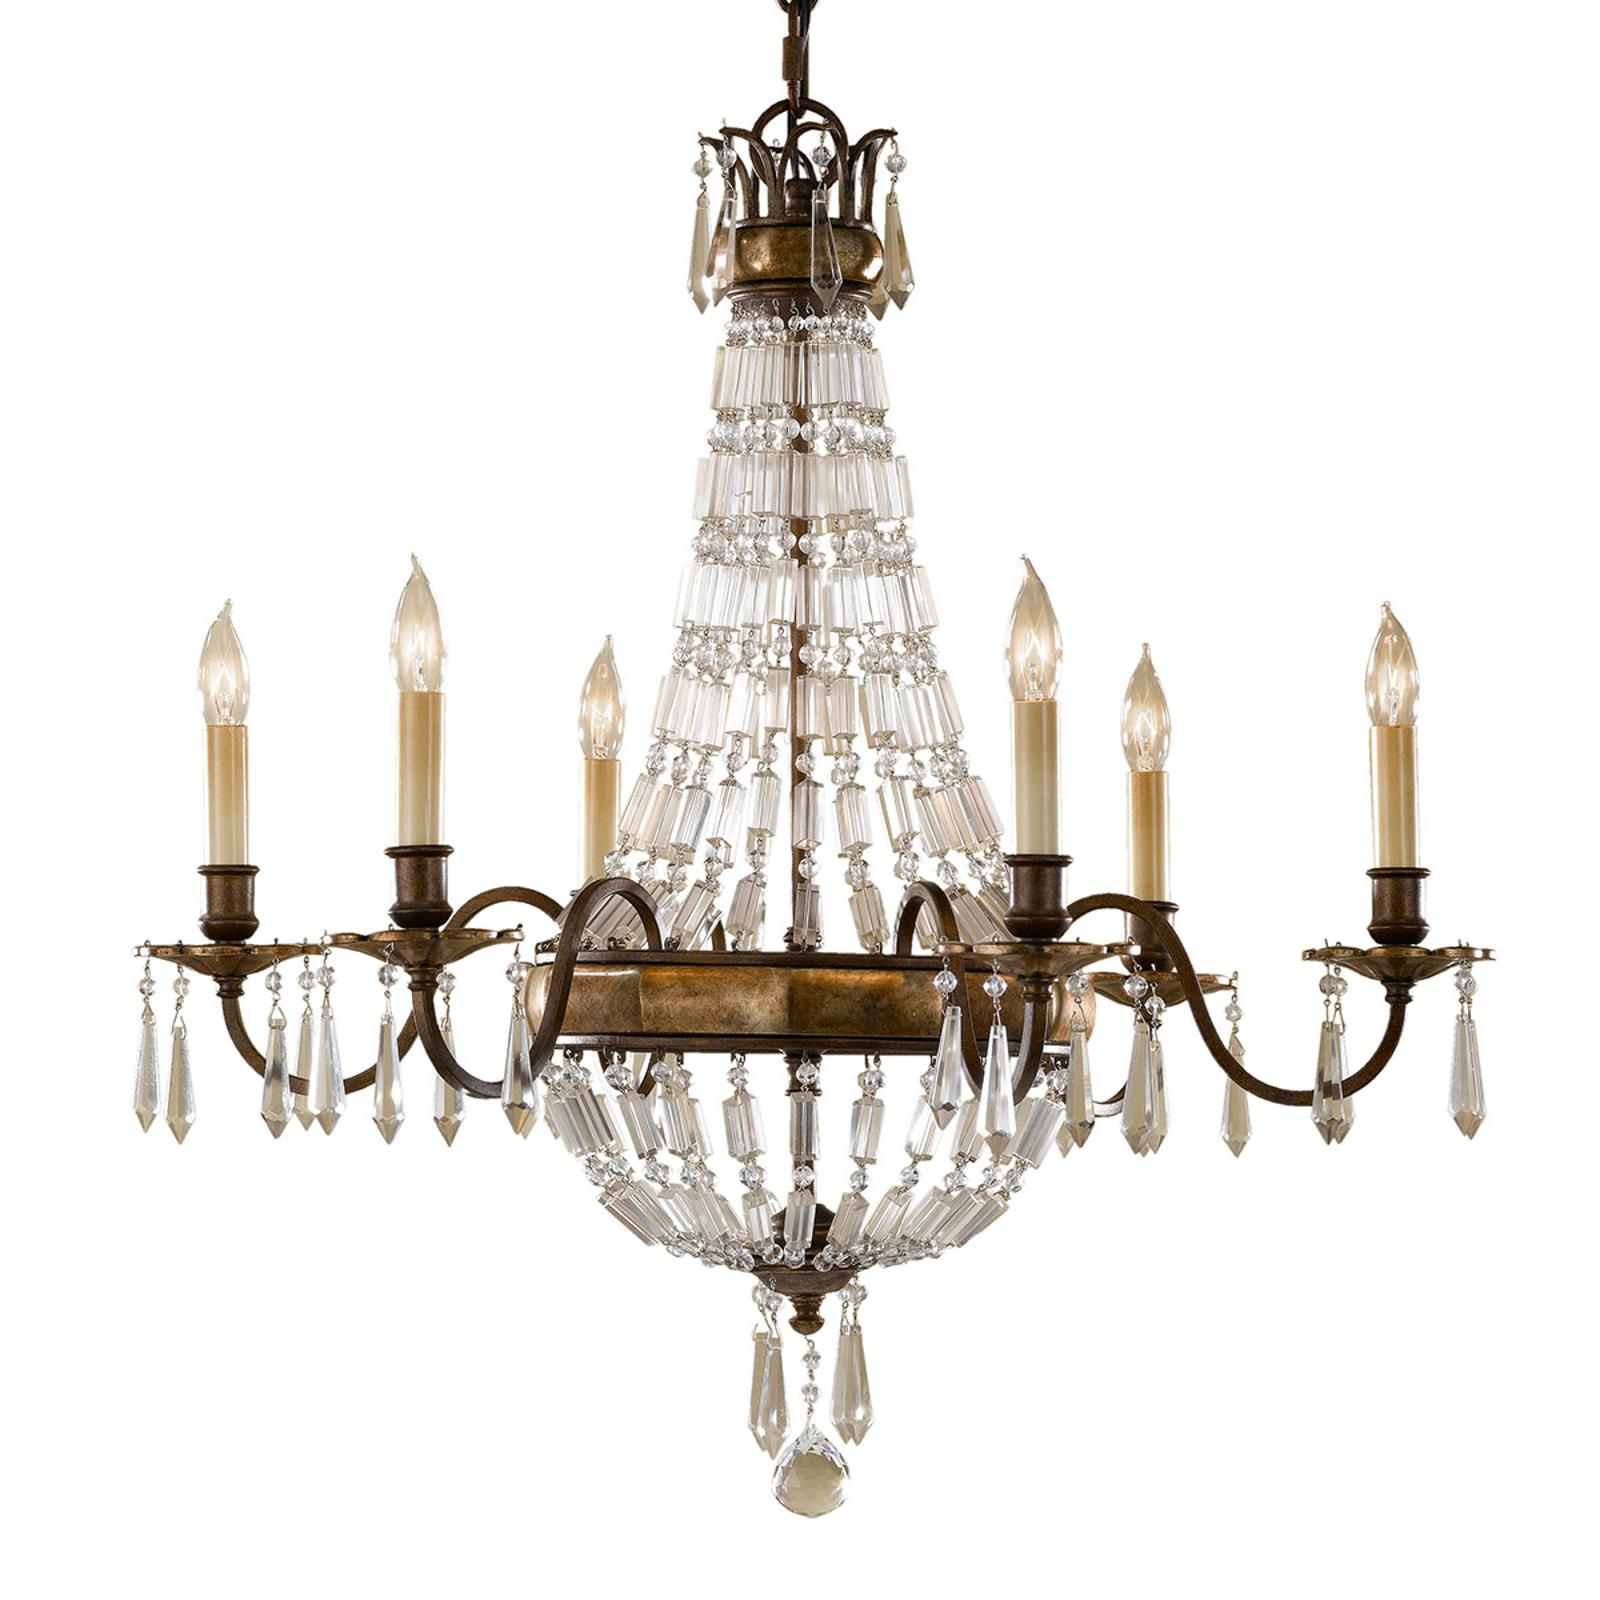 Bellini - lustr s antickým vzhledem